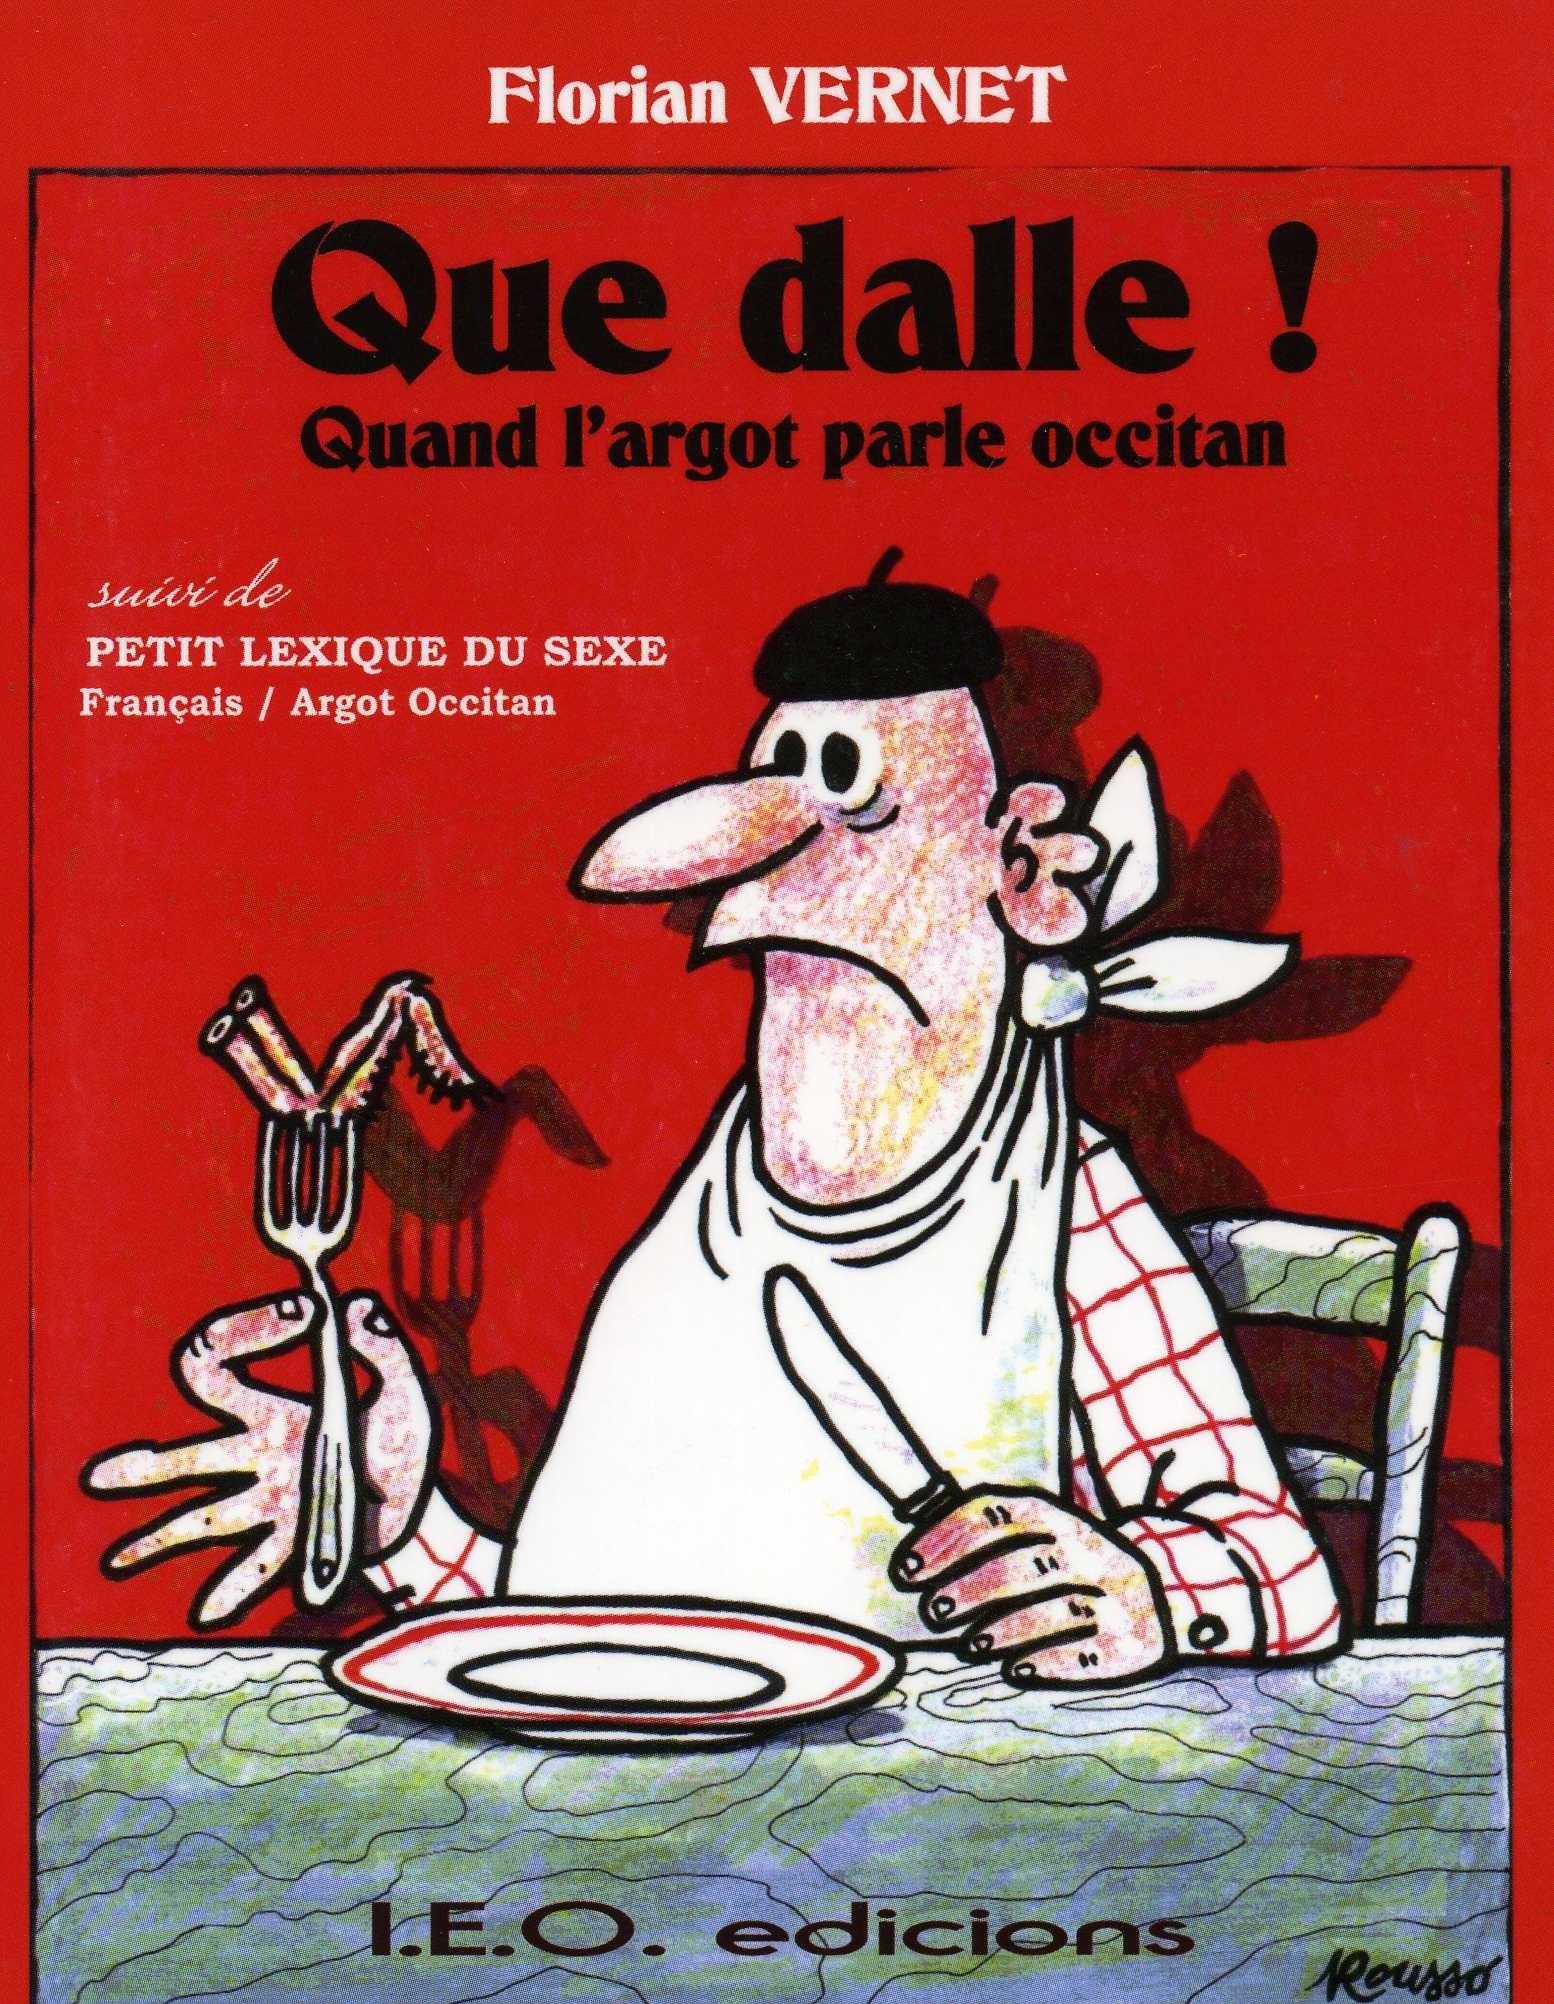 QUE DALLE ! QUAND L'ARGOT PARLE OCCITAN